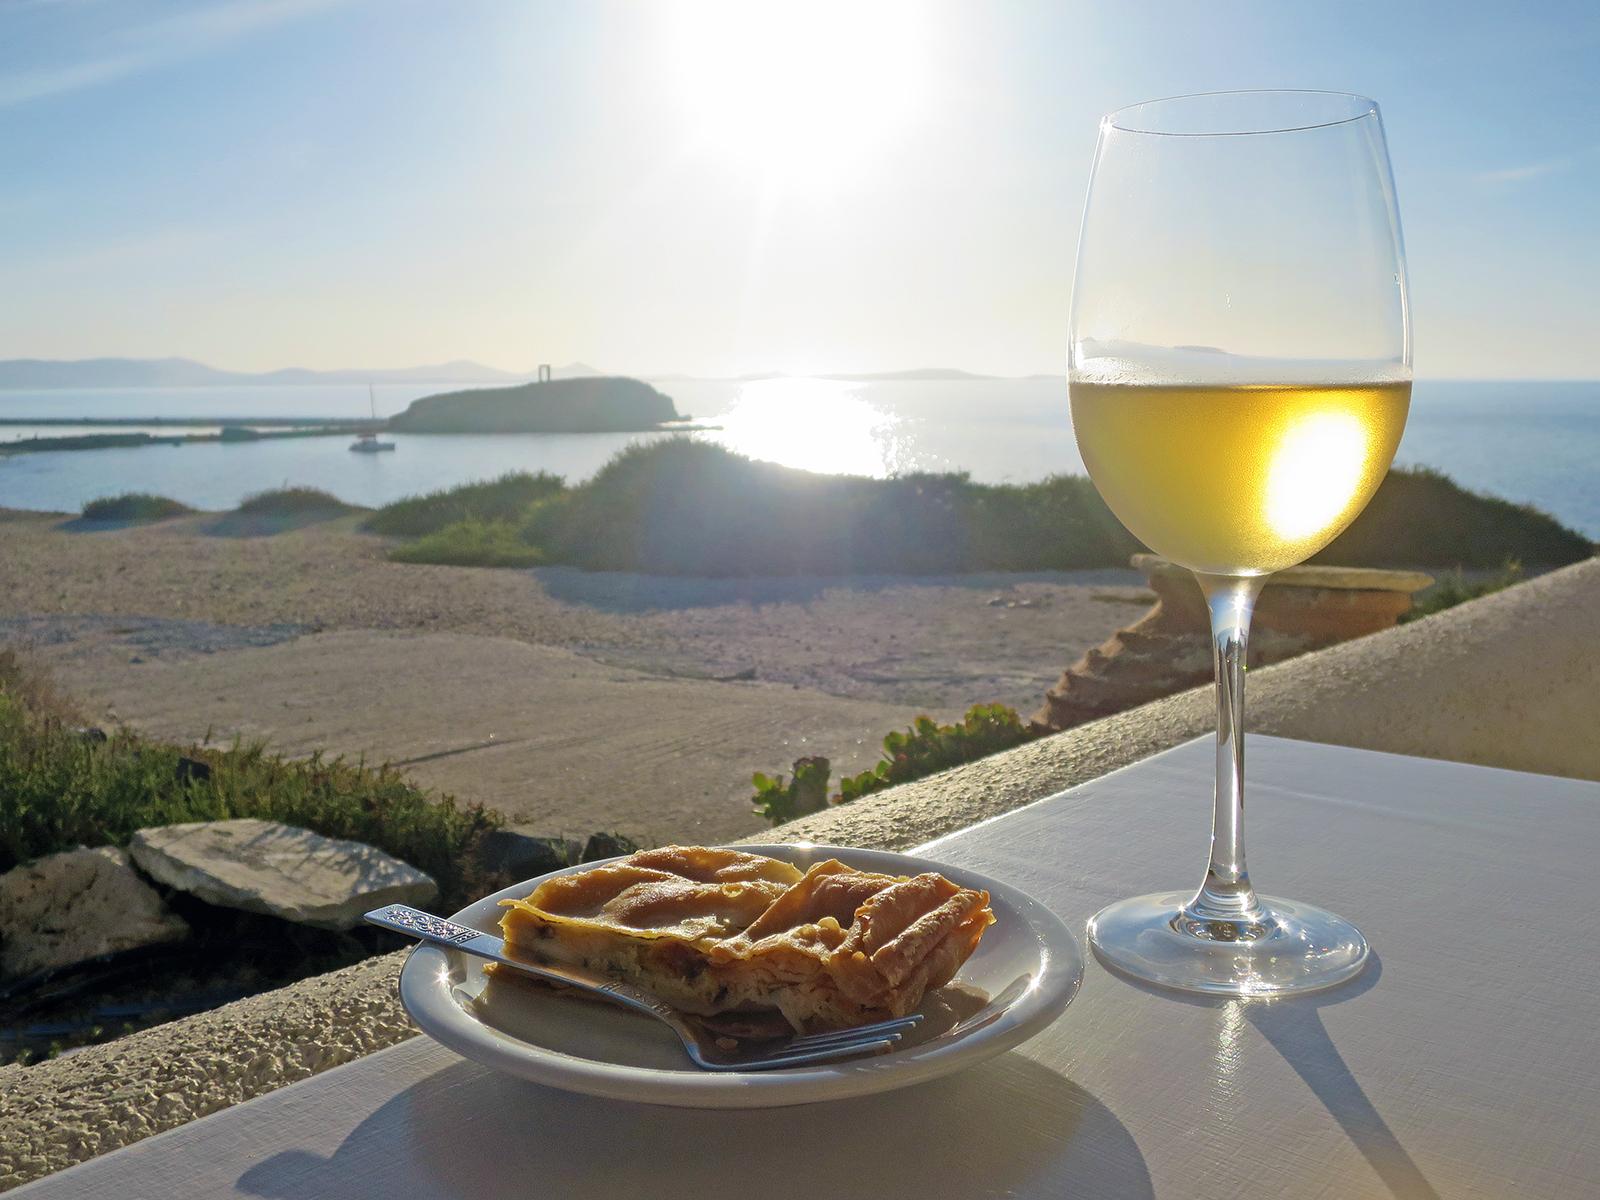 Food-Guide für Naxos: 12 Spezialitäten, die man bei einem Urlaub auf Naxos unbedingt essen muss